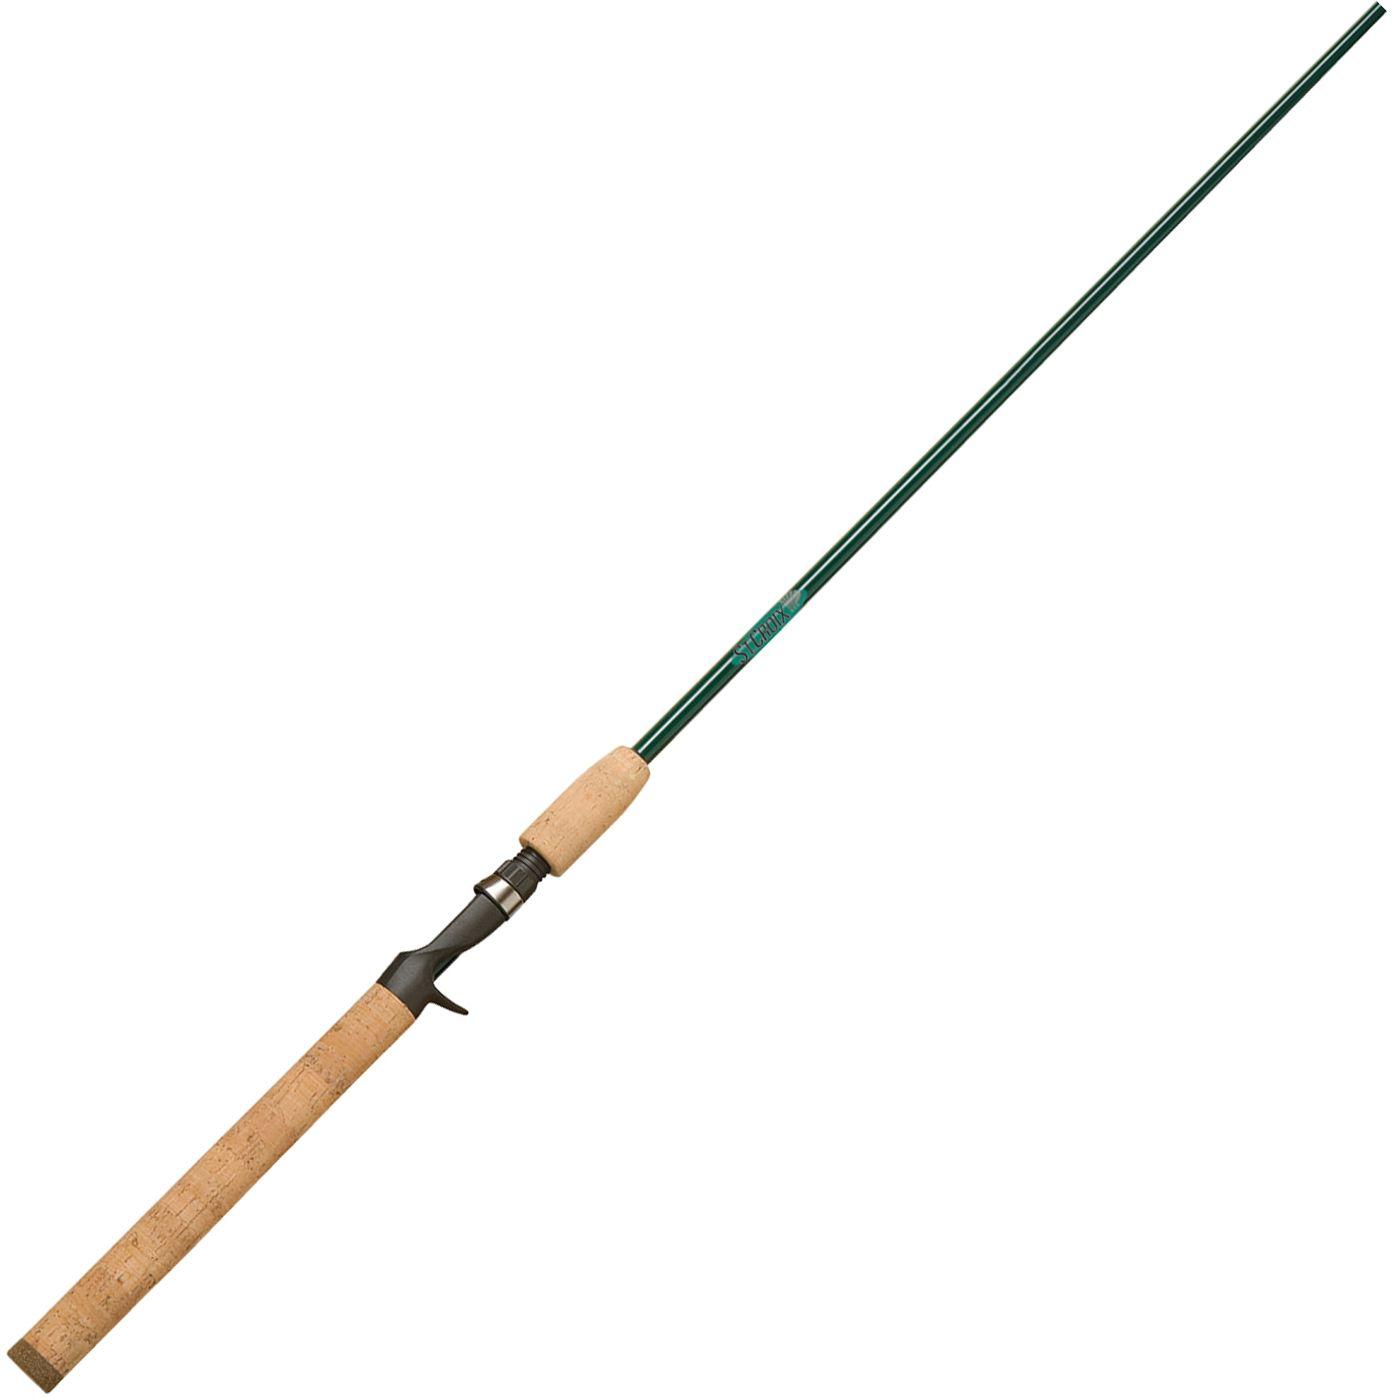 St. Croix Tidemaster Inshore Casting Rod, Size: 7'0 thumbnail